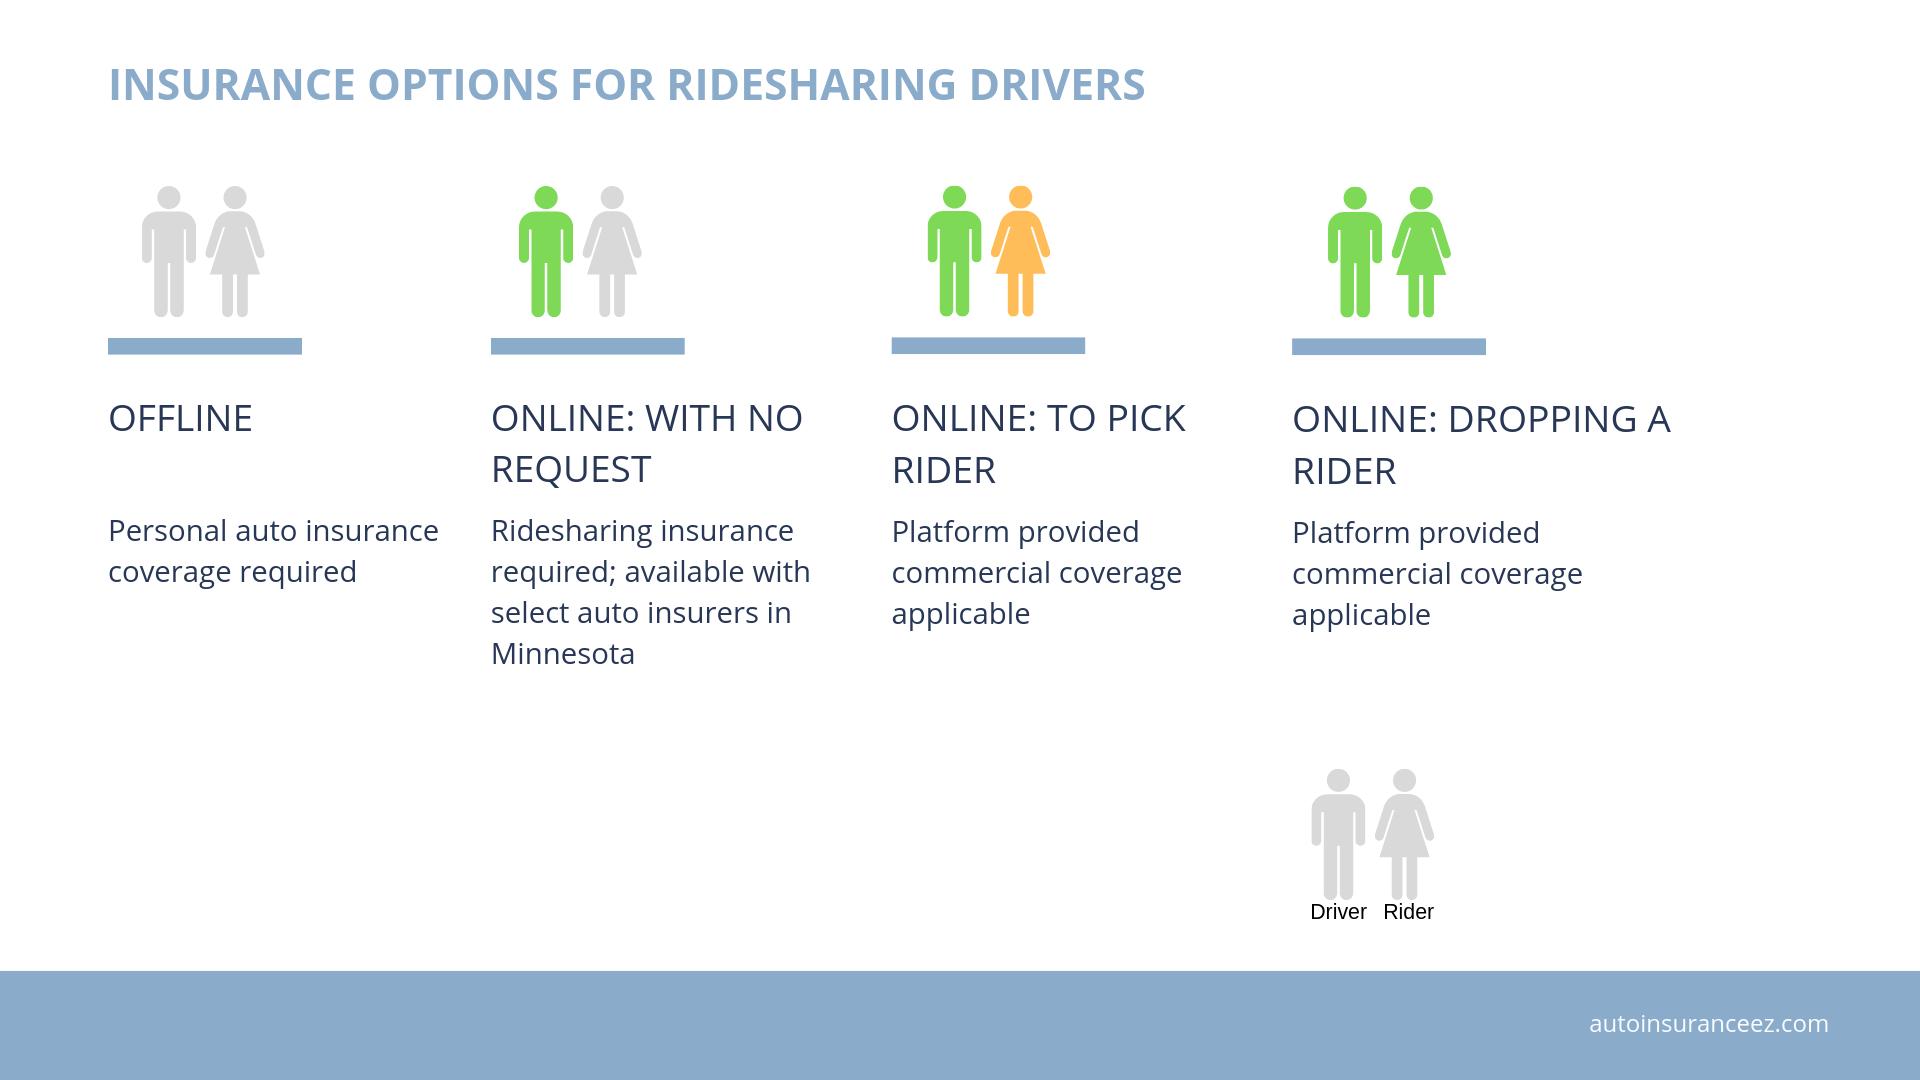 Ridesharing insurance options